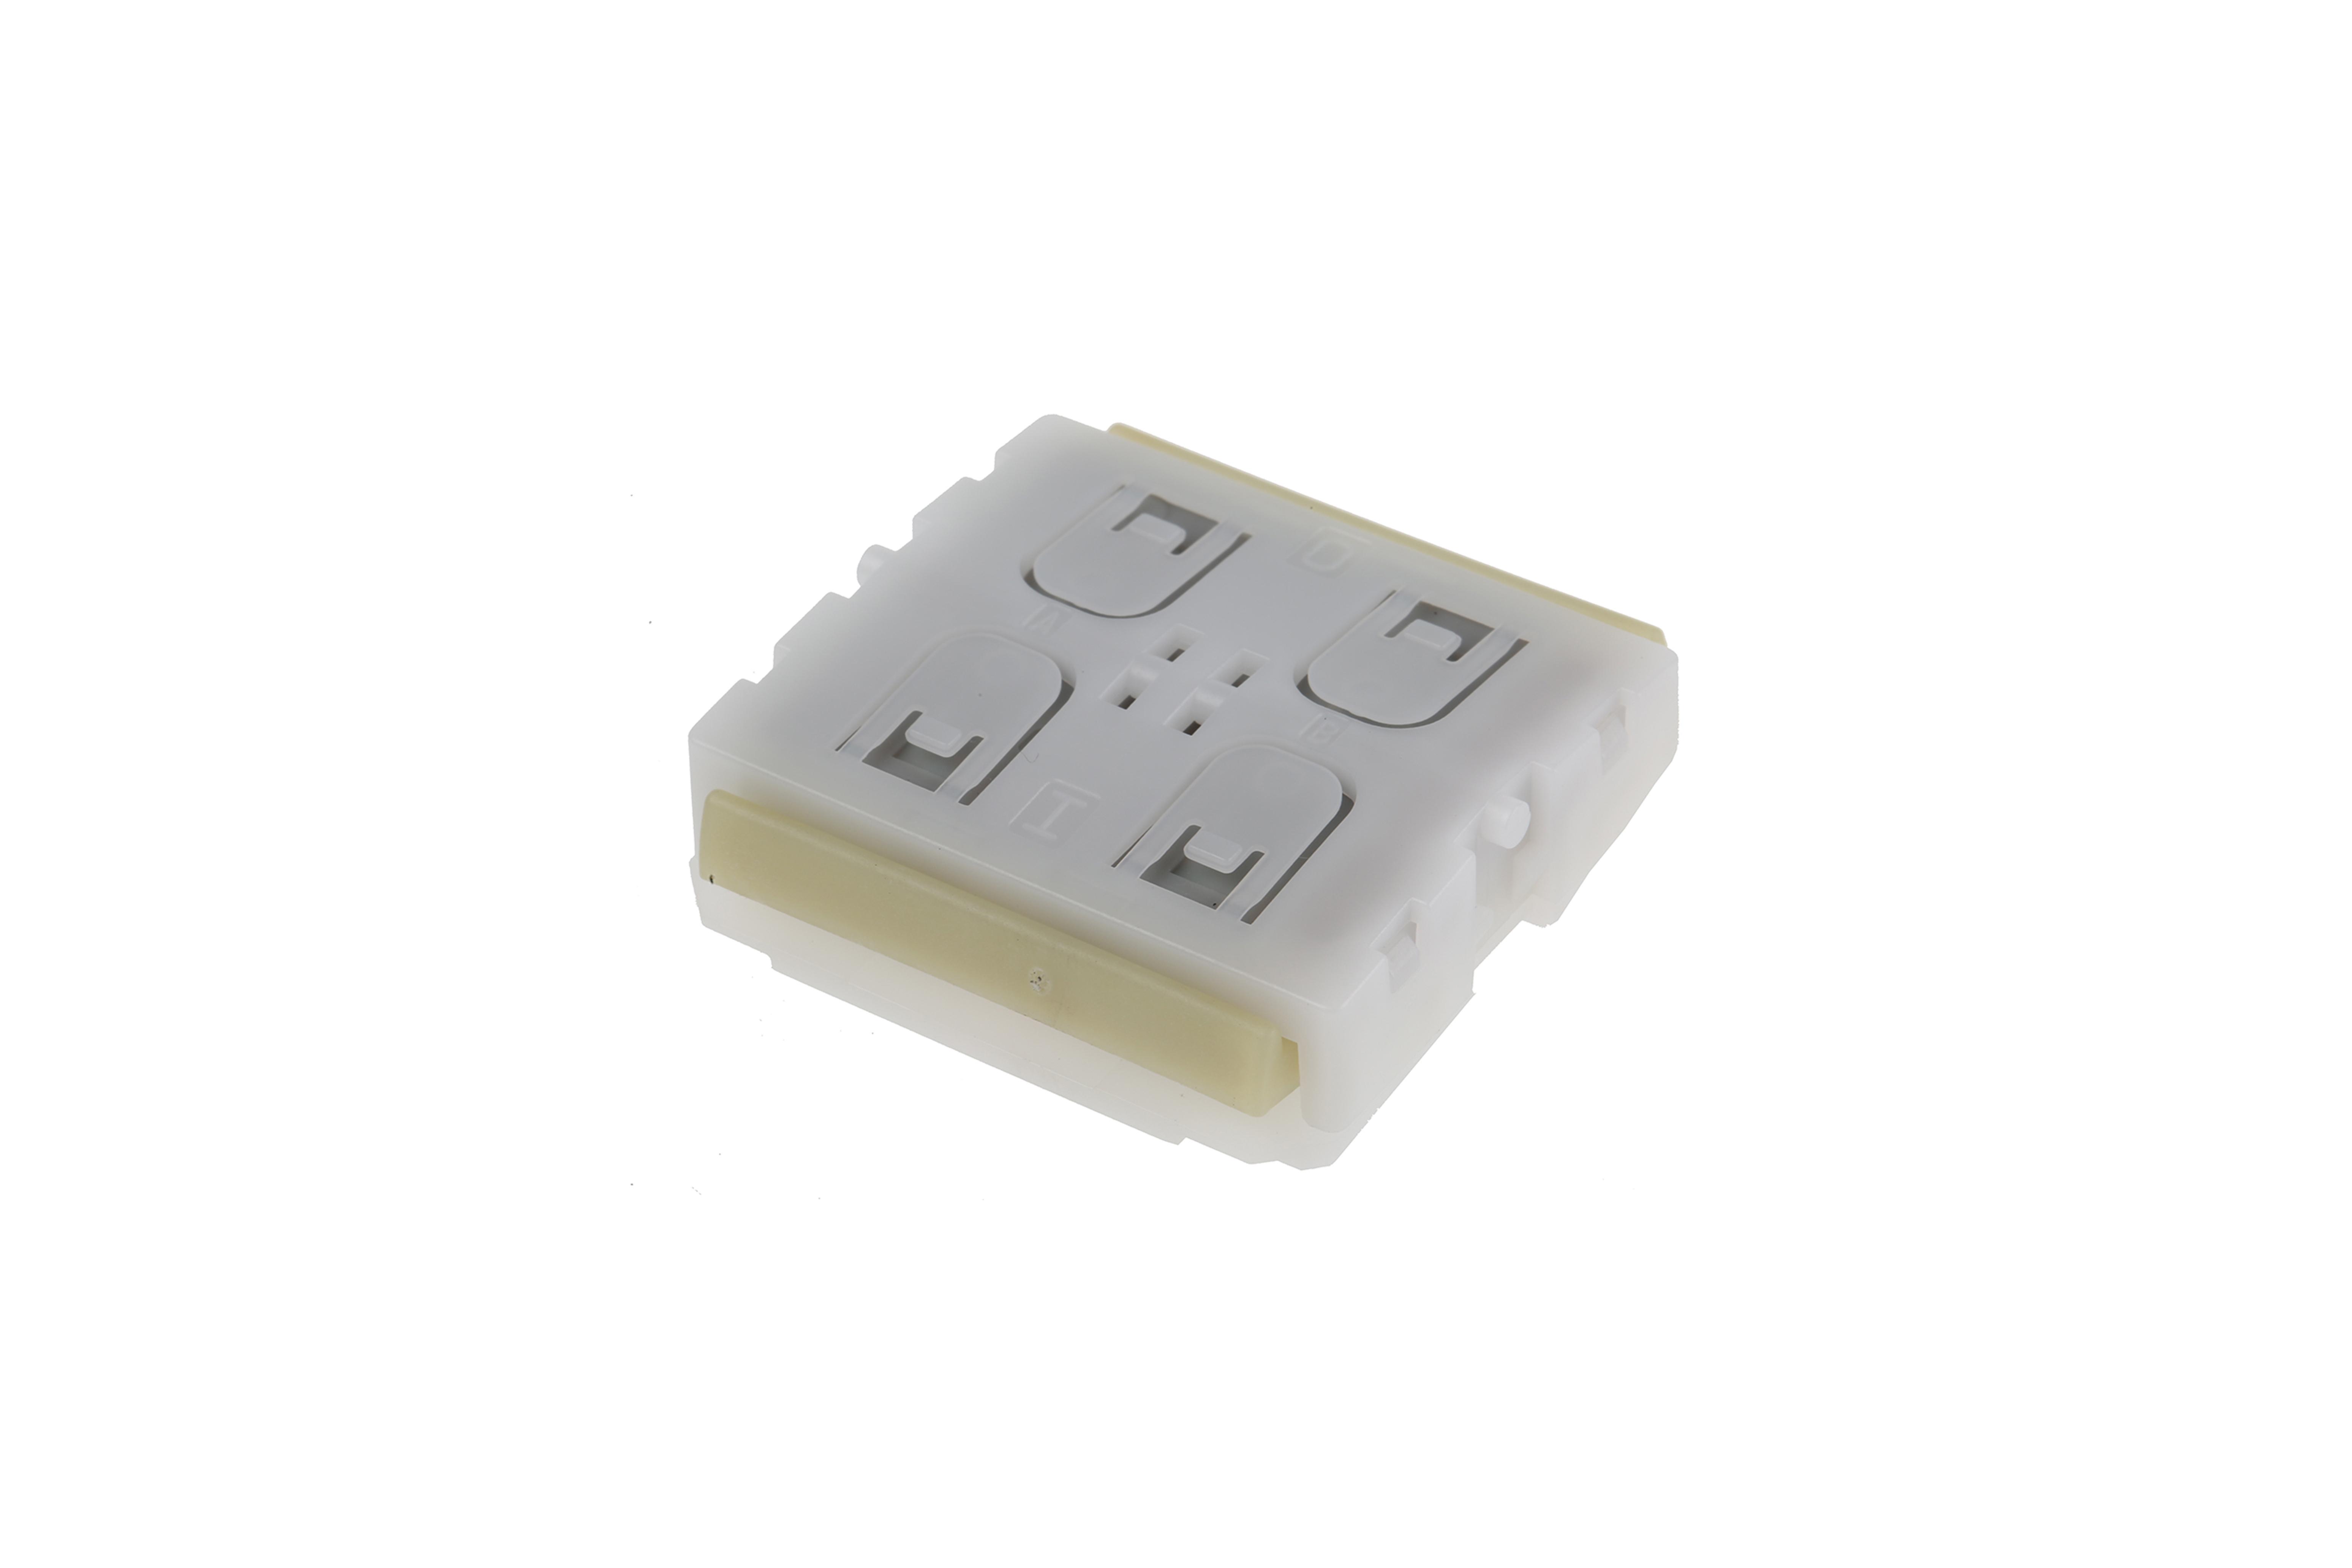 Energiegewinnungseinheit mit Drucktaste, 868 MHz